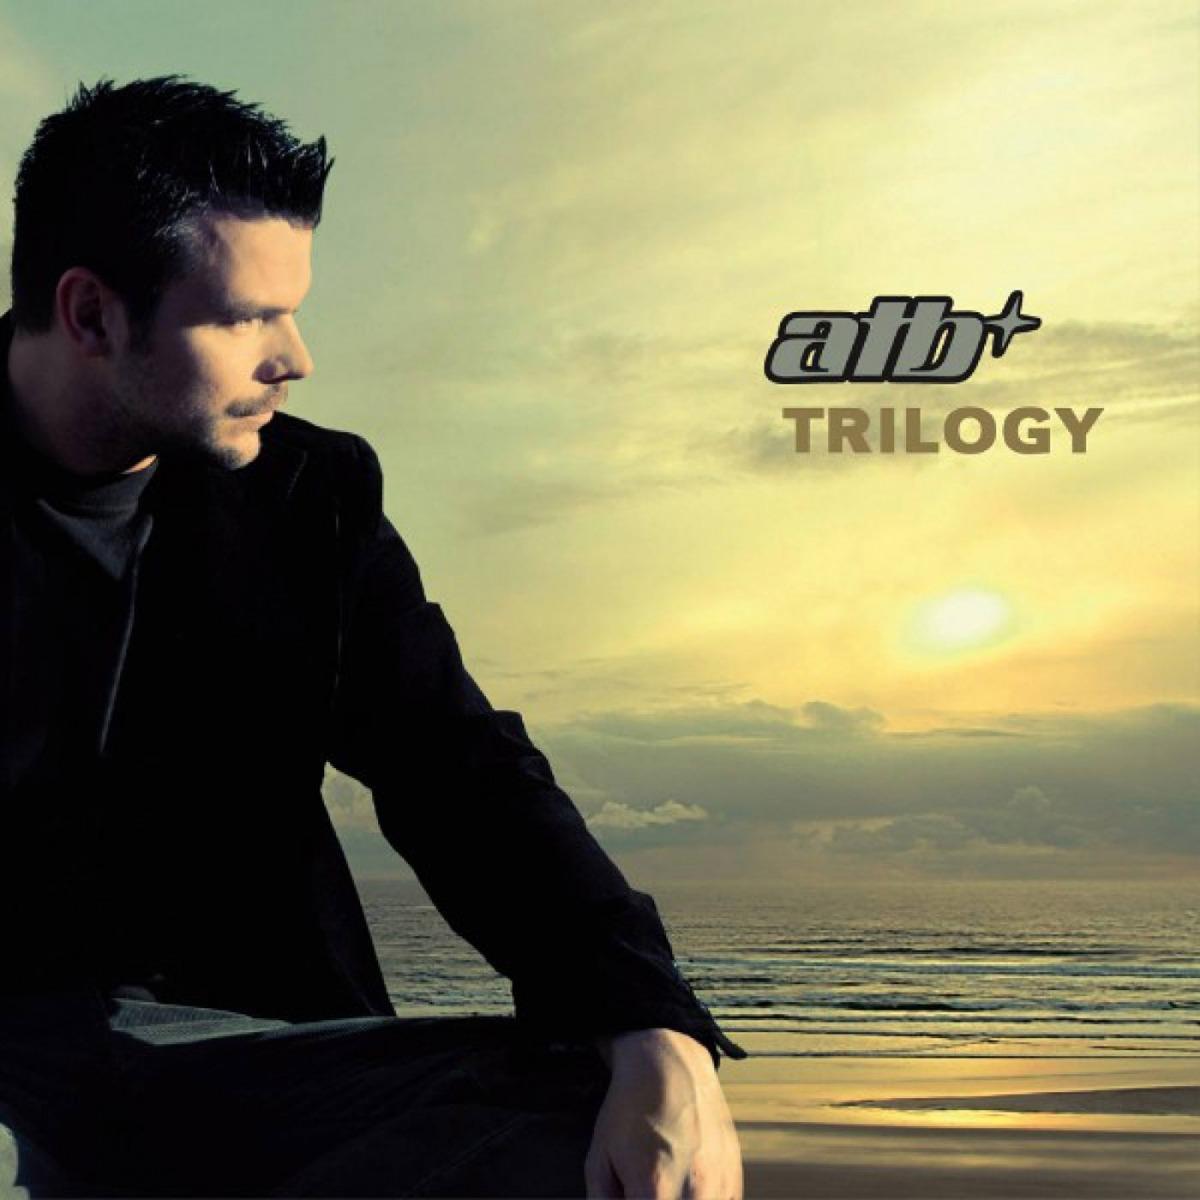 ATB Trilogy album cover